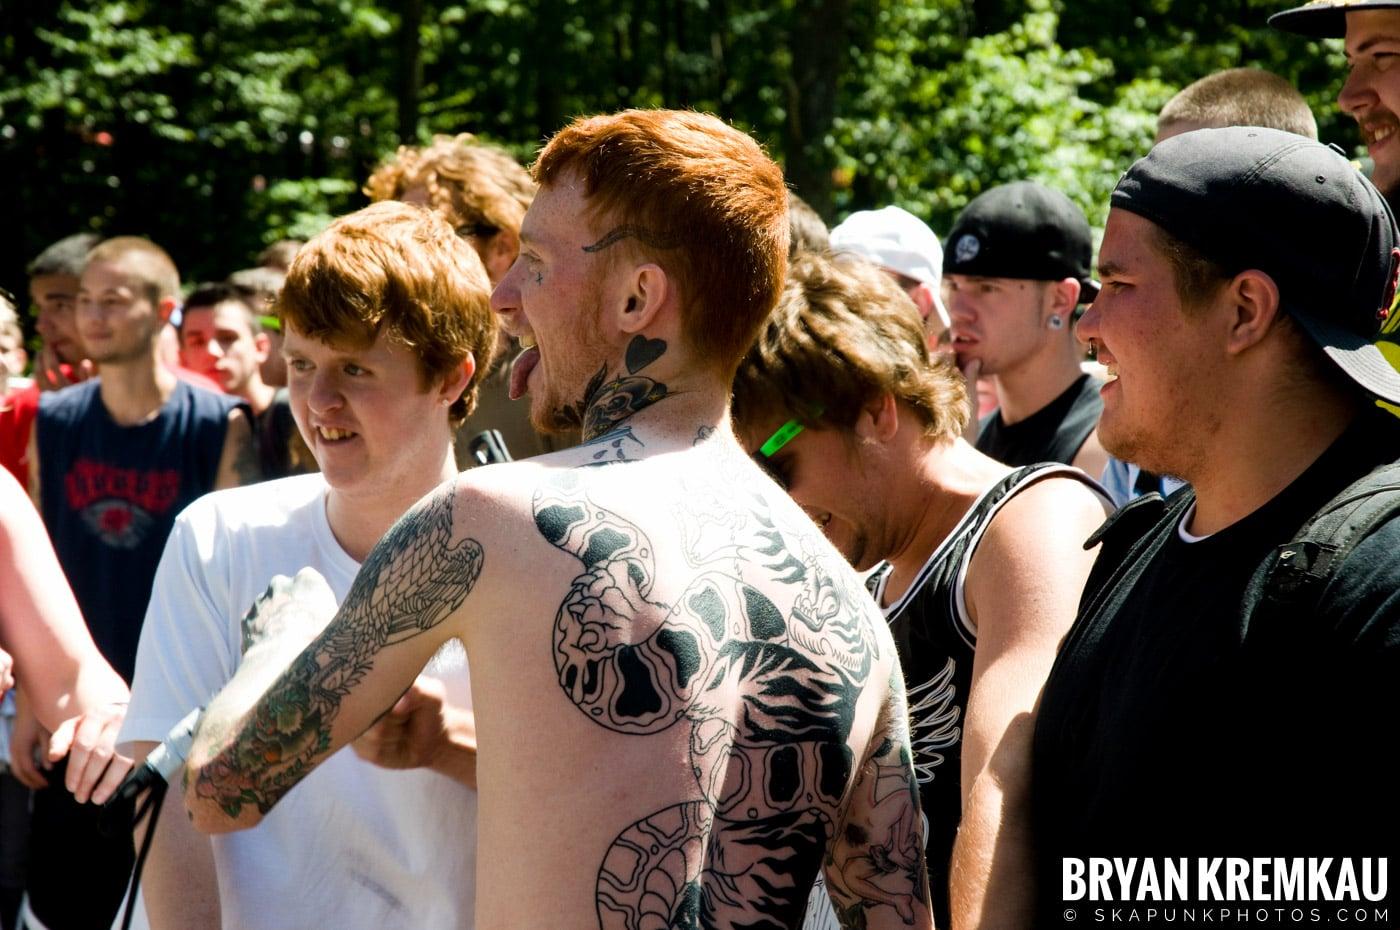 Gallows @ Warped Tour 2009, Scranton PA - 07.15.09 (7)